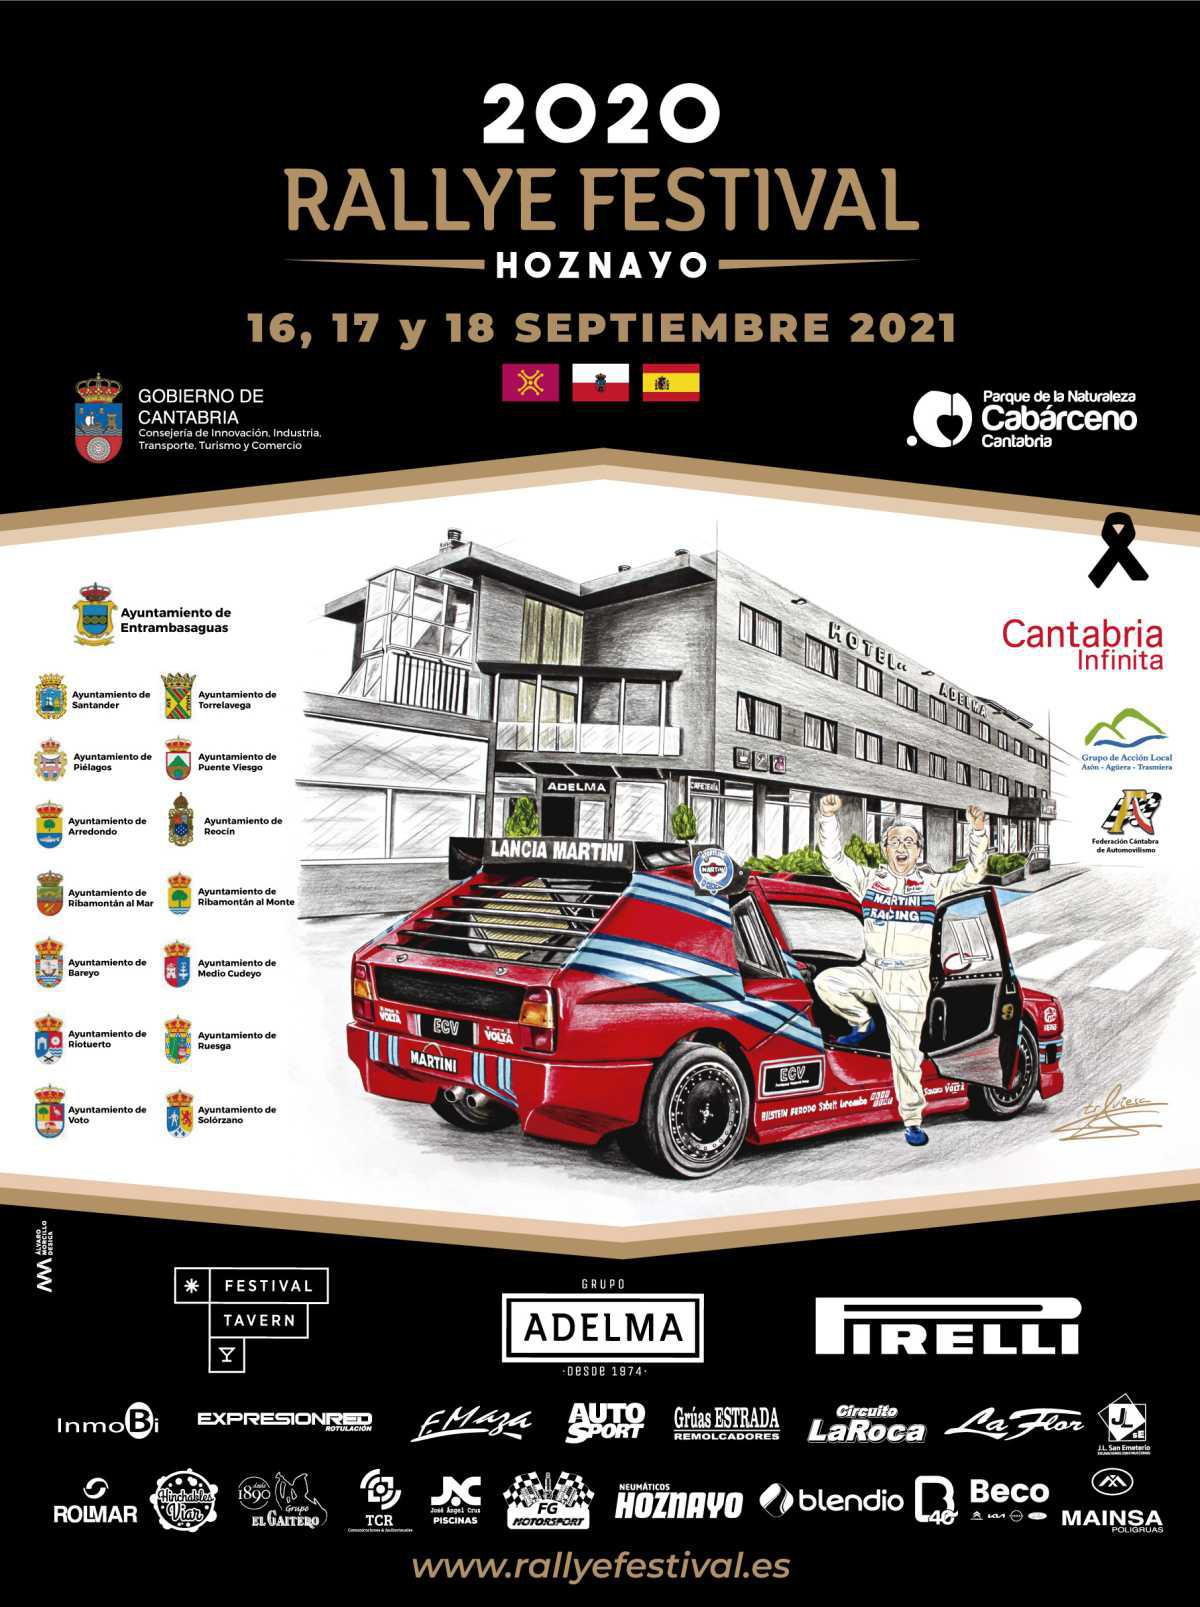 El Rallye Festival Hoznayo presenta su cartel oficial